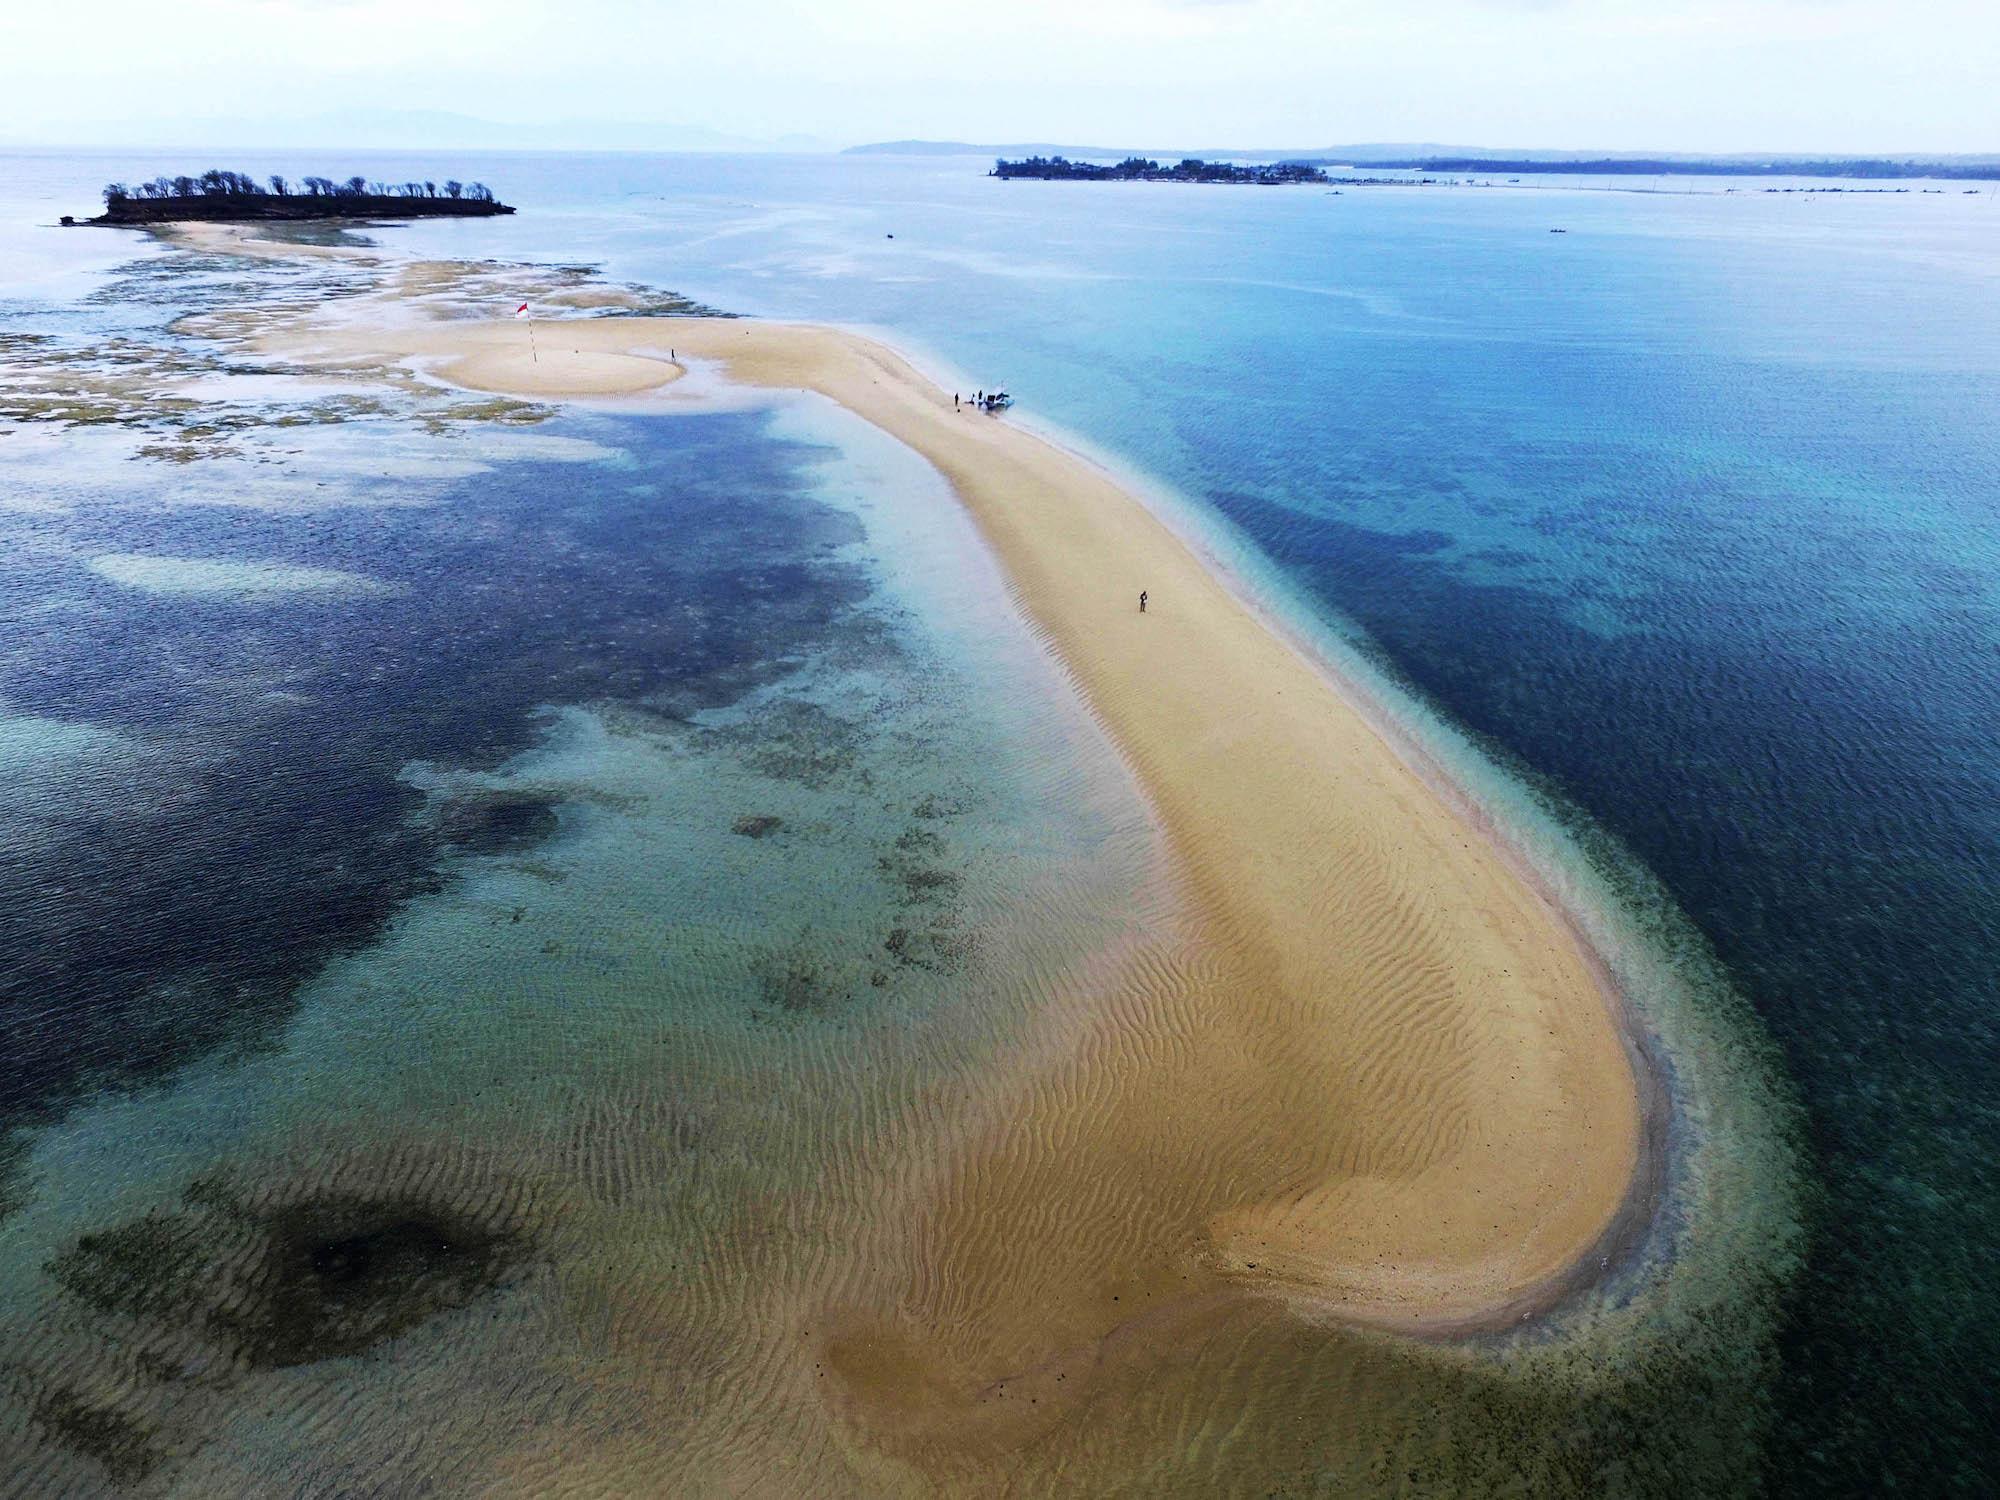 Pantai Gili Pasir